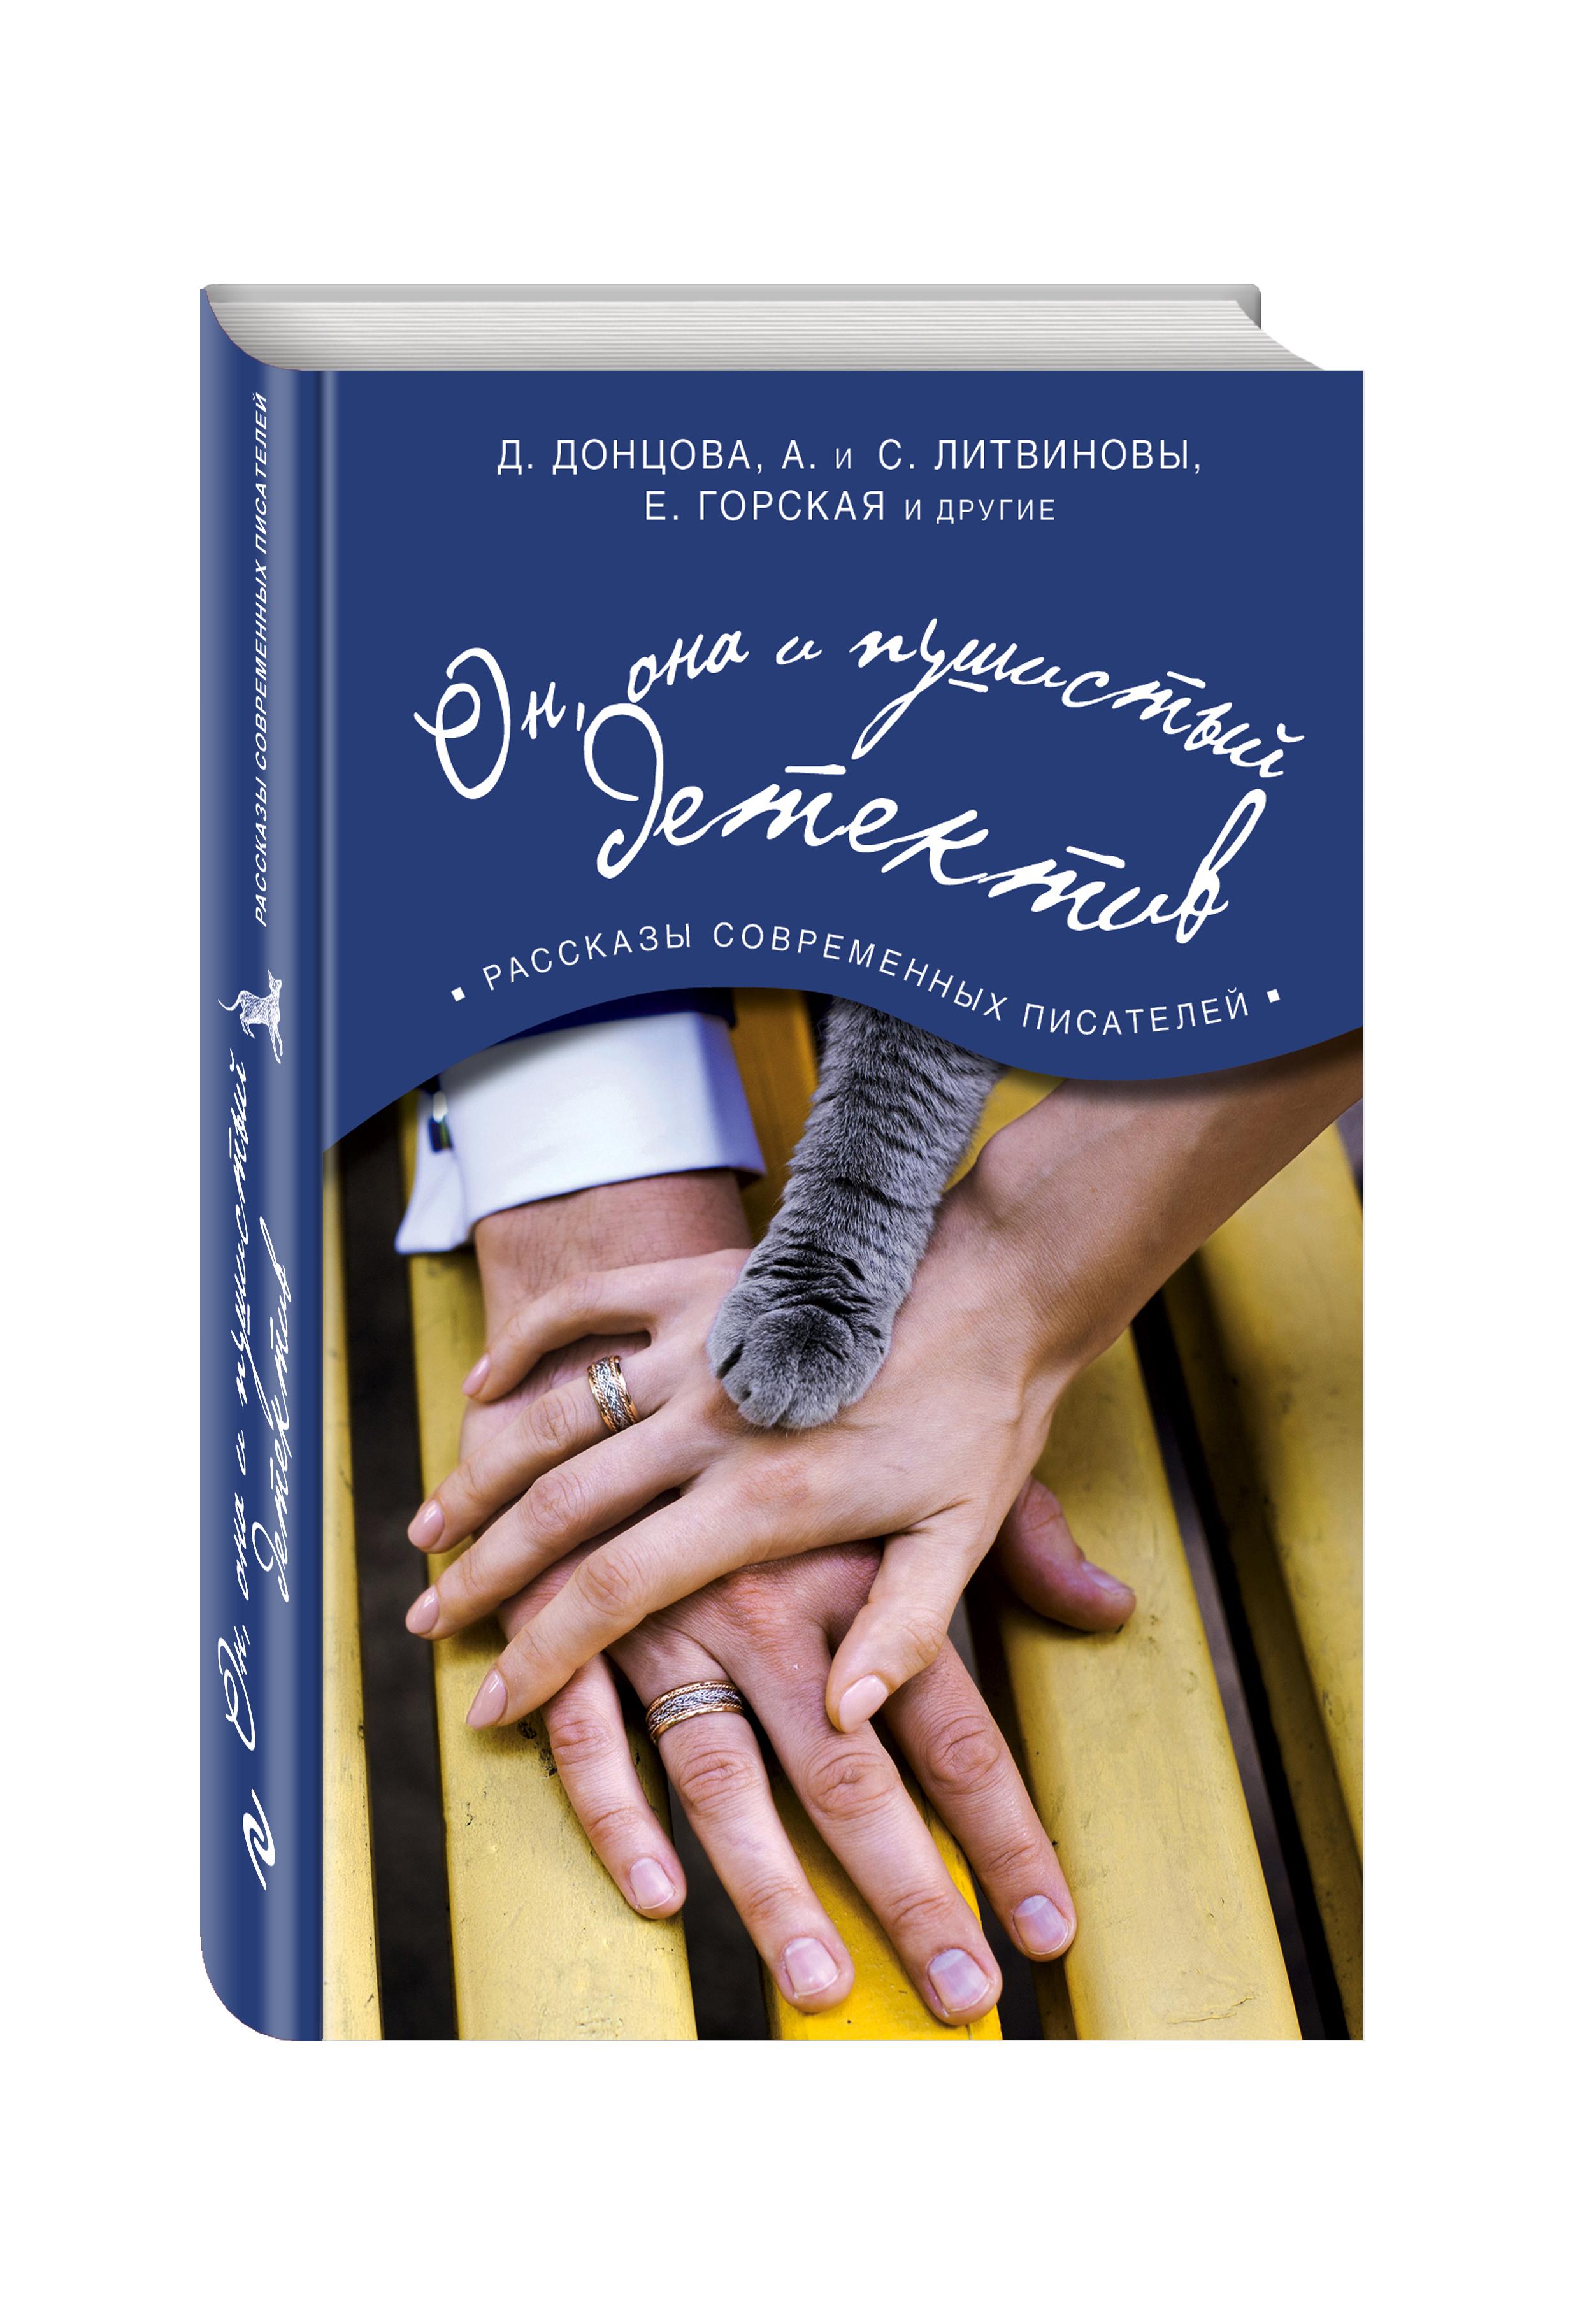 Донцова Д., Литвиновы А. и С., Горская Е. и др. Он, она и пушистый детектив дарья донцова кулинарная книга лентяйки 2 вкусное путешествие